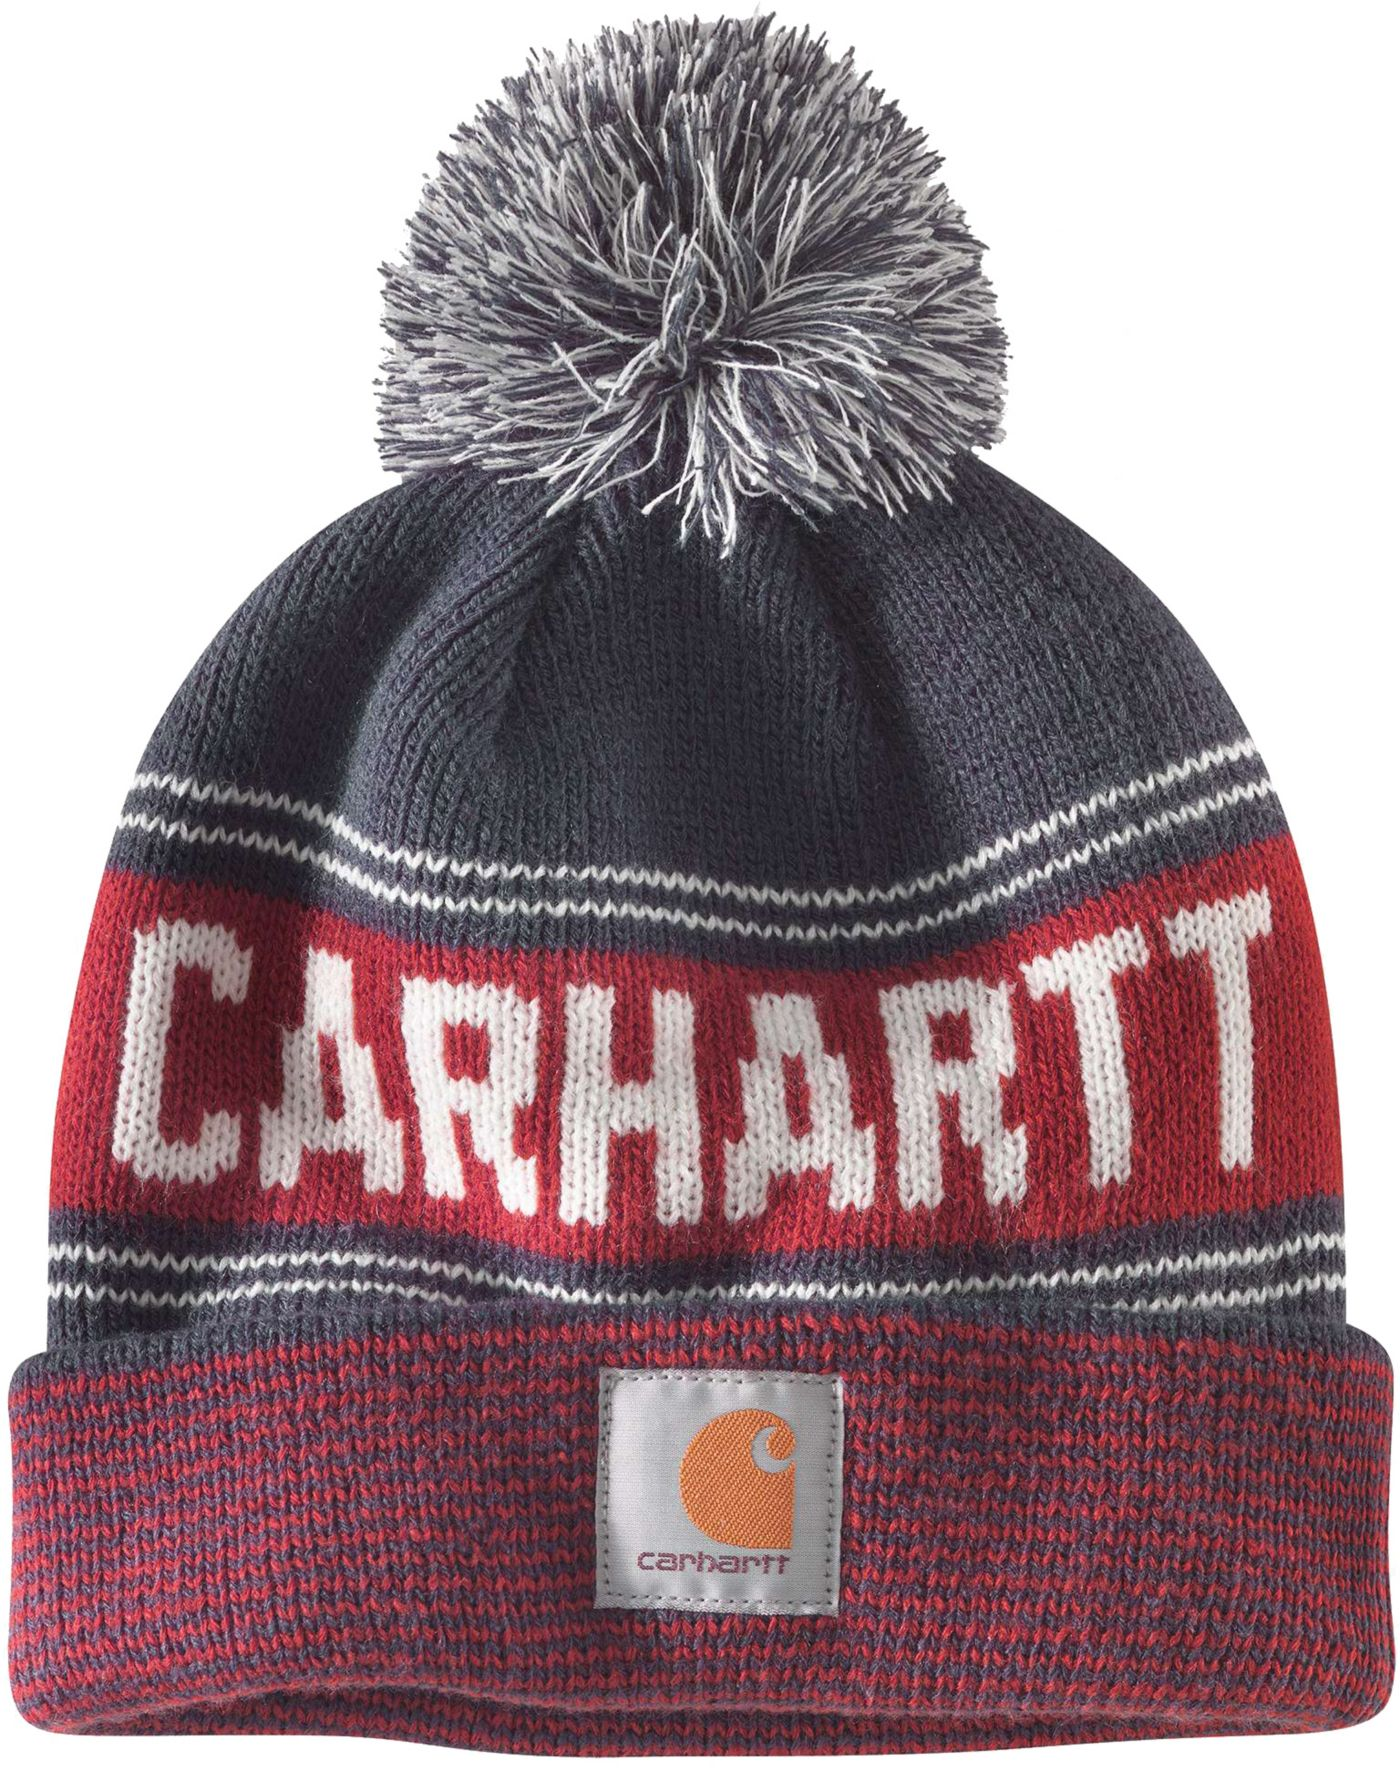 Carhartt Men's Searchlight Rib Knit Hat